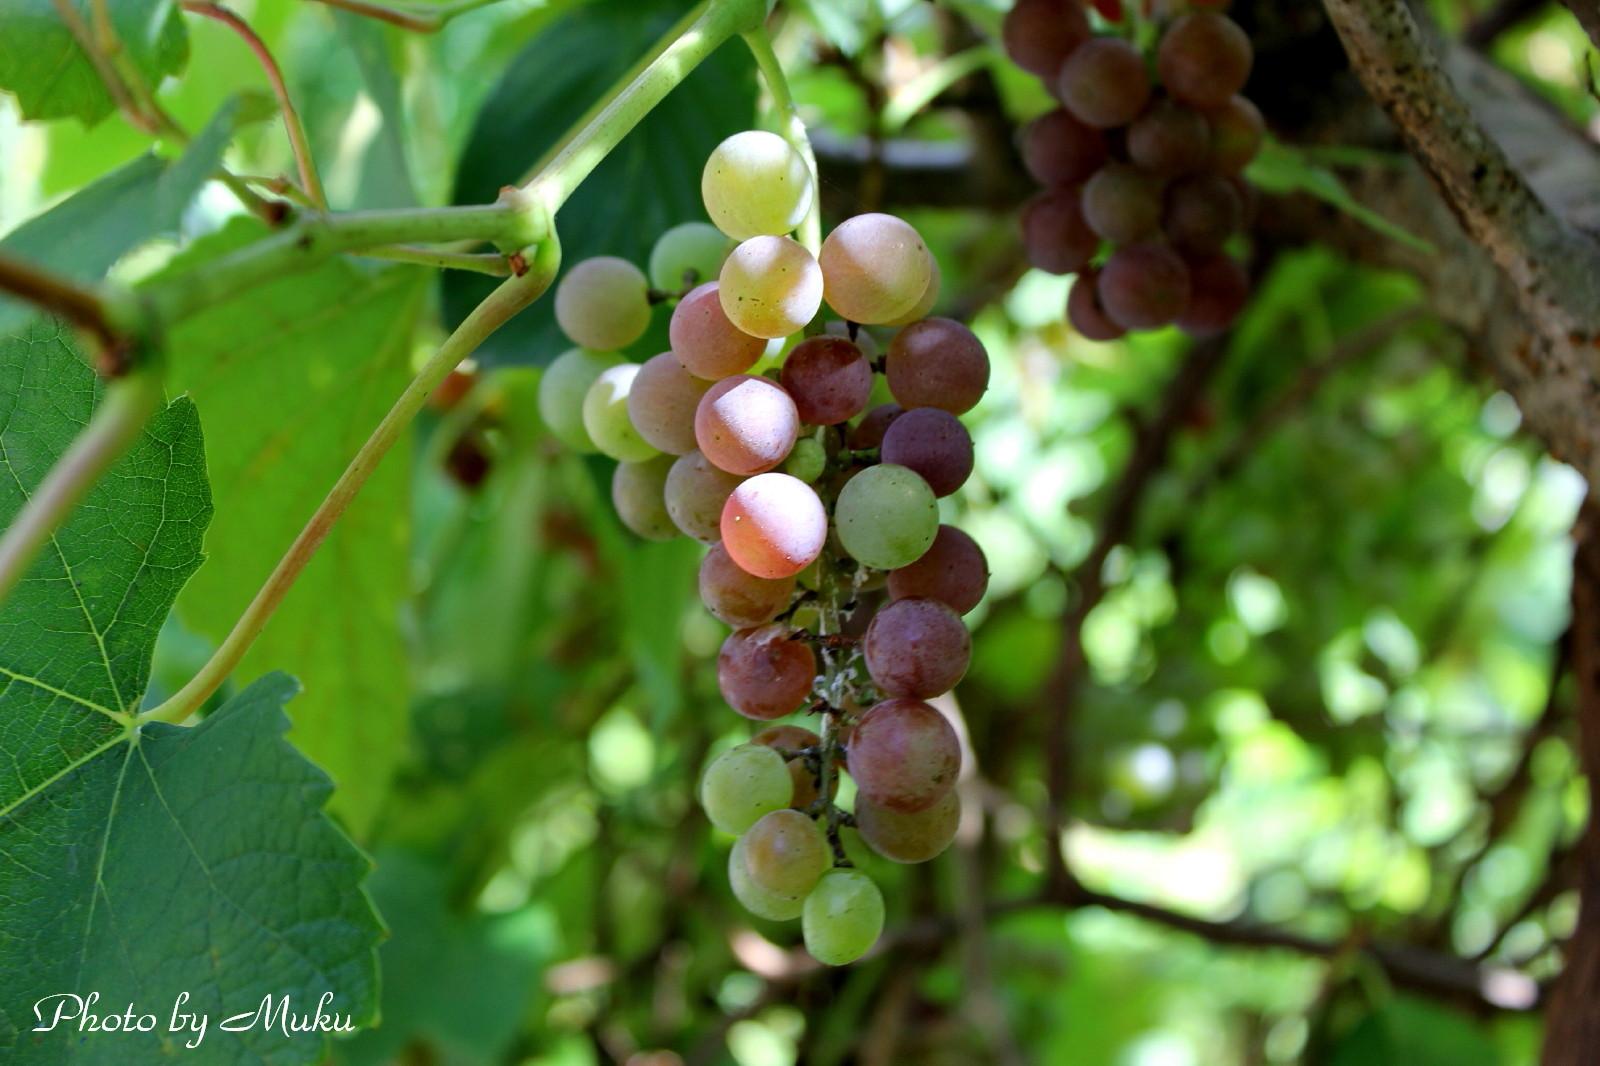 2014.8.15 色づいてきた葡萄 (散歩道:神奈川県横須賀市)